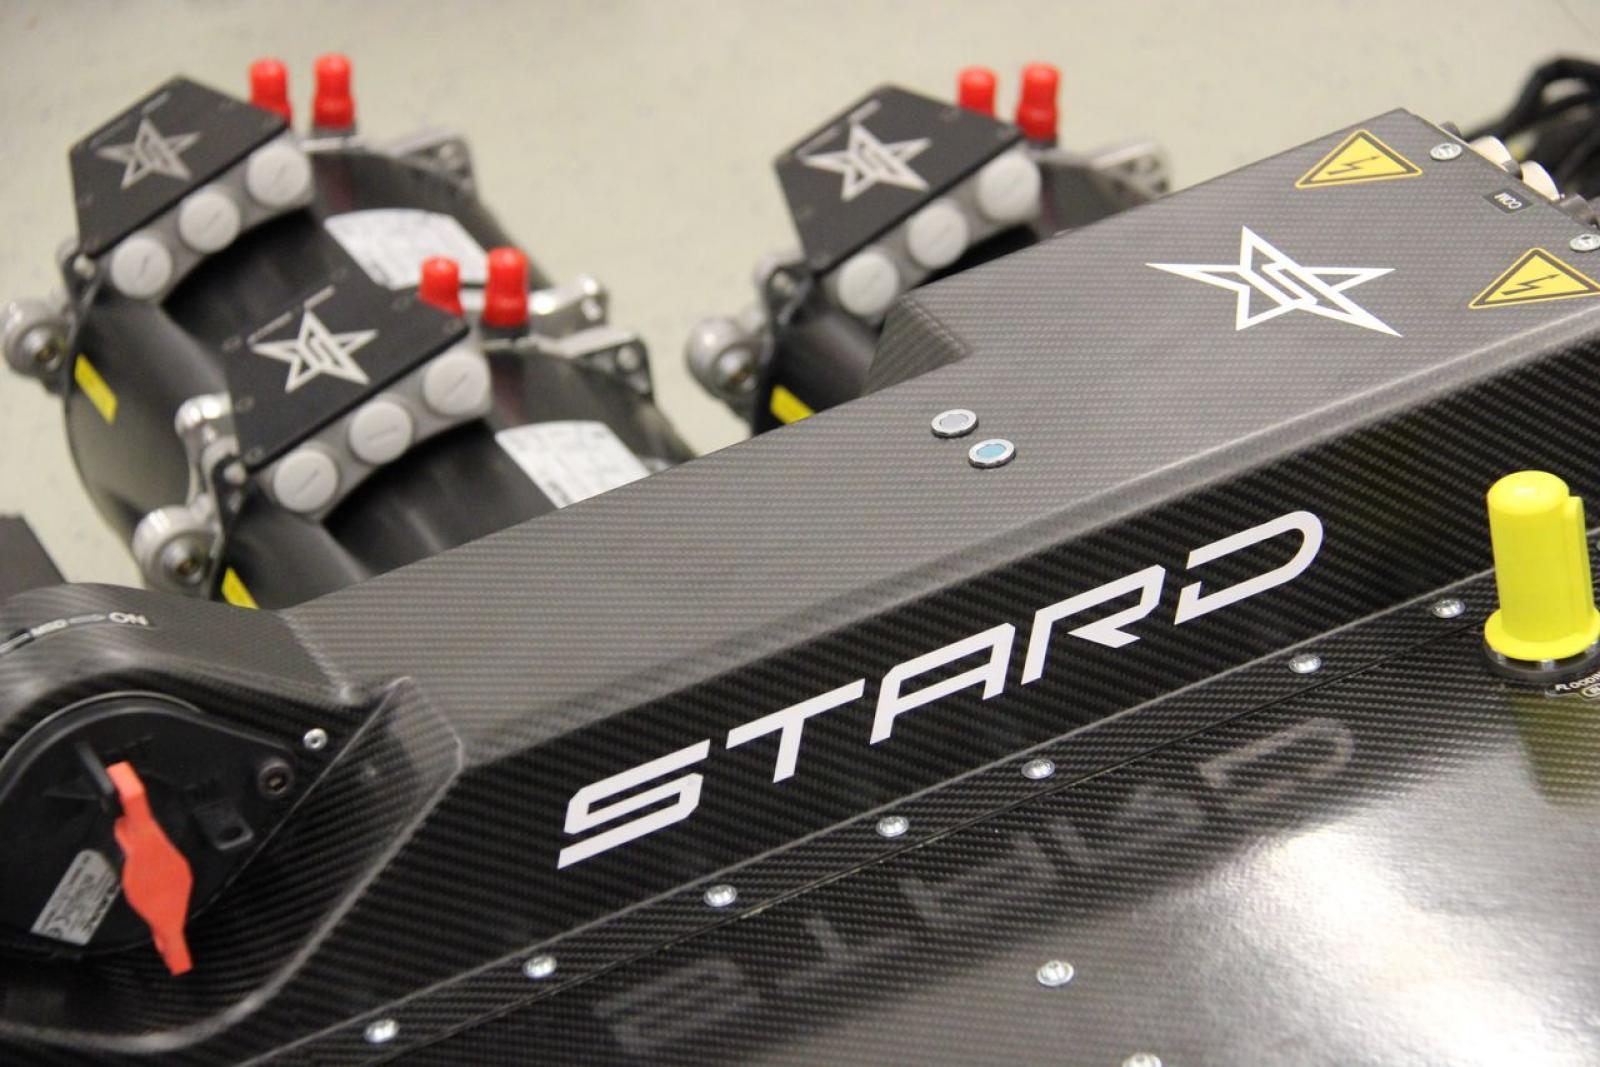 STARD Ford Fiesta ERX 612 HP 4WD elektrisk racerbil (ny og ejet) - 2